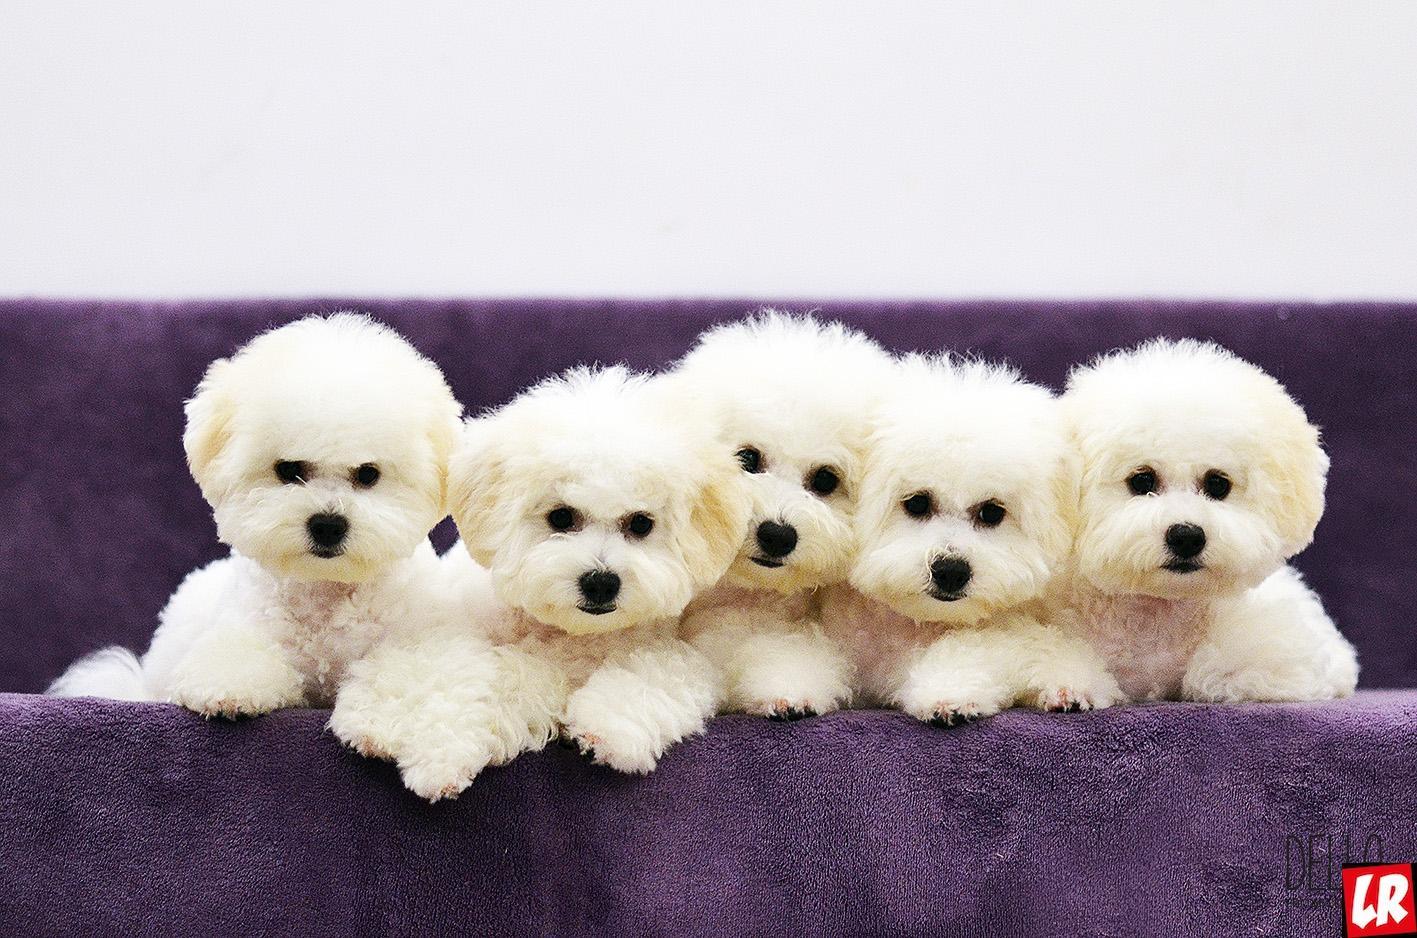 Модные собаки. Гувернер за 800 грн в день и свадьба за 1500 грн